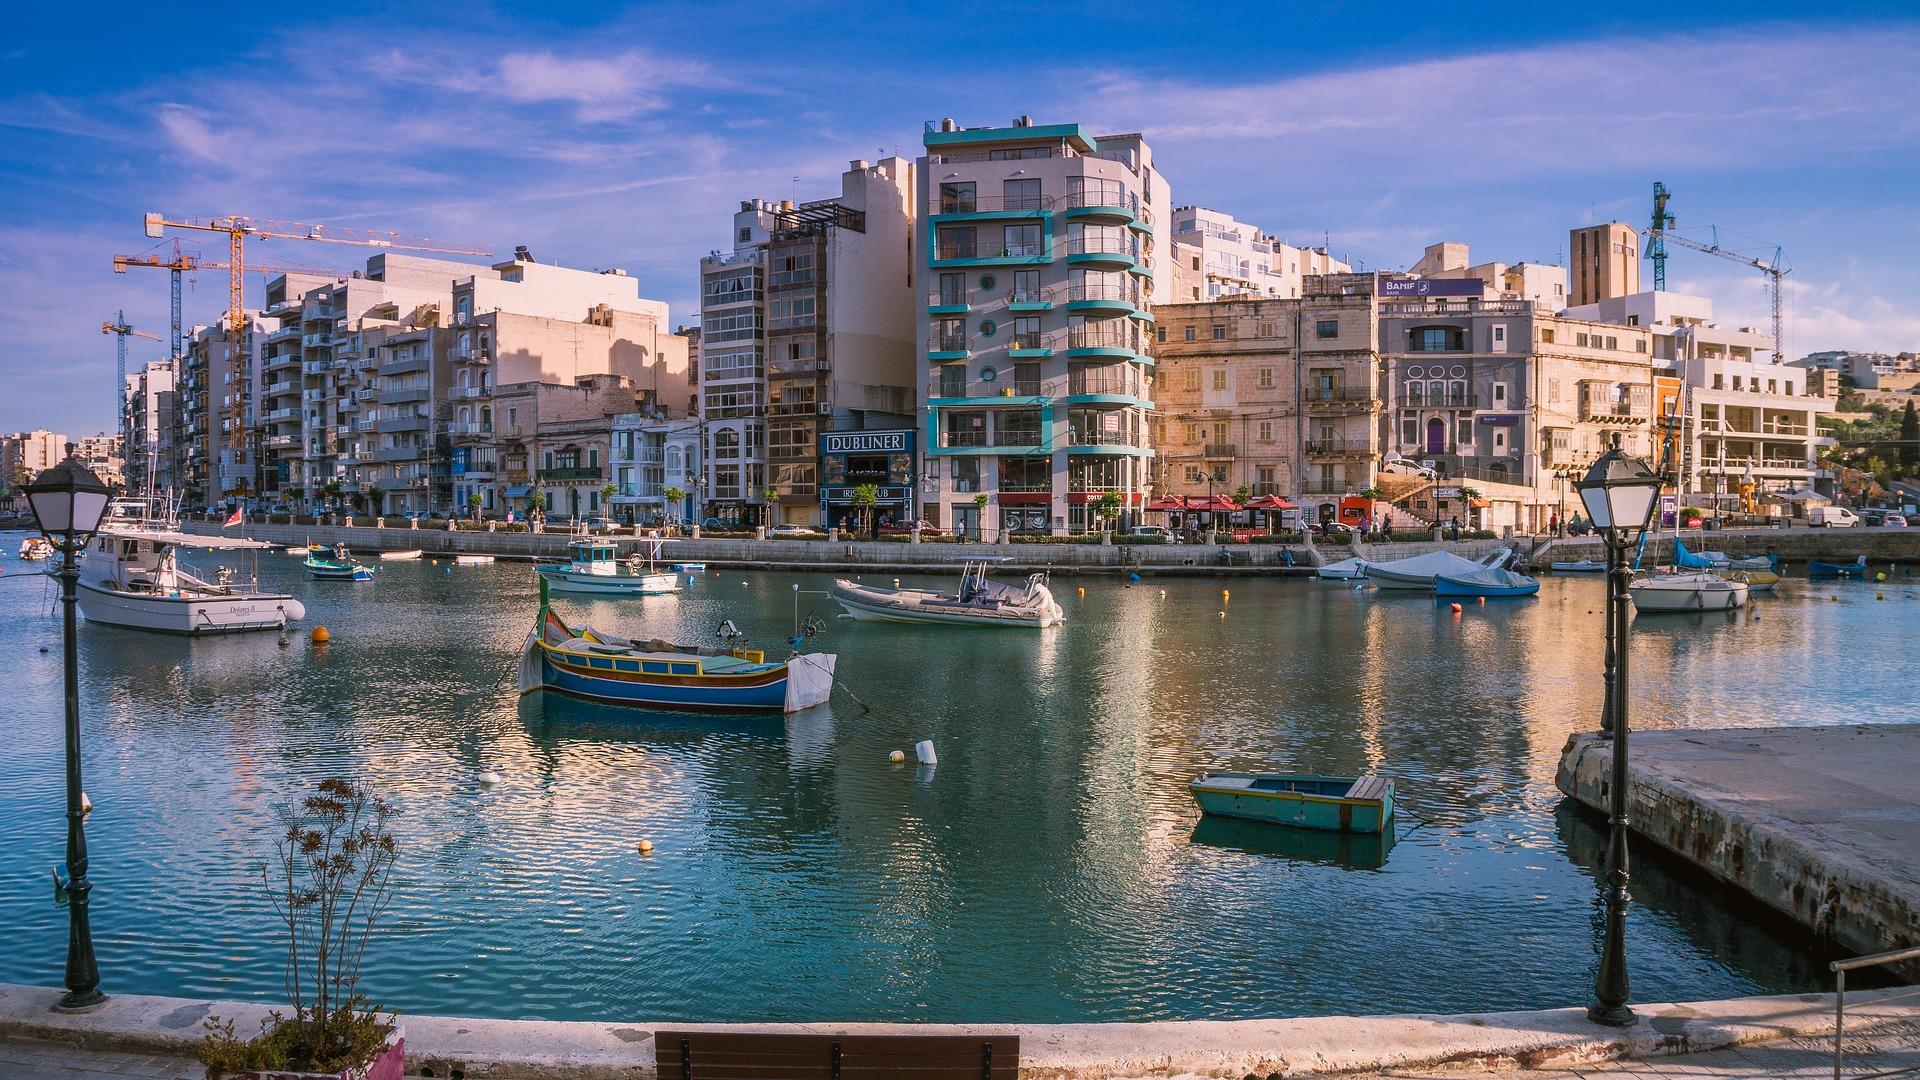 Anglu kalbos stovykla Maltoje, Individuali anglu kalbos stovykla Maltoje